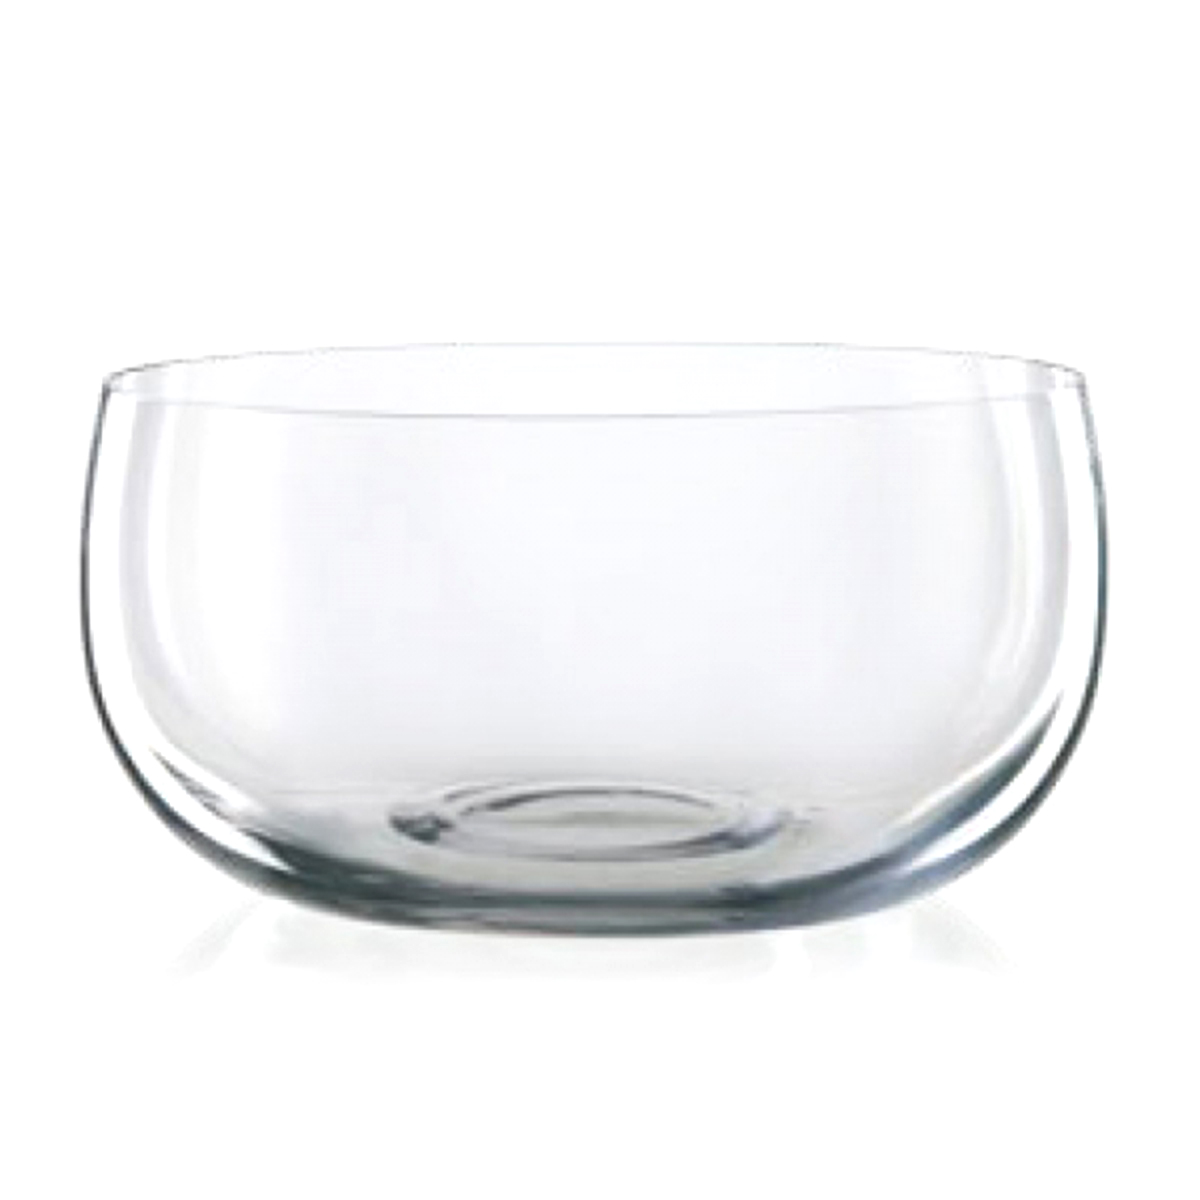 Салатник Bohemia Crystal украсит праздничный стол и создаст приятную атмосферу праздника. Он обладает привлекательным внешним видом, а материалом его изготовления является высококачественное хрустальное стекло.  Данный салатник также отлично подойдет в качестве оригинального подарка вашим родным и близким.